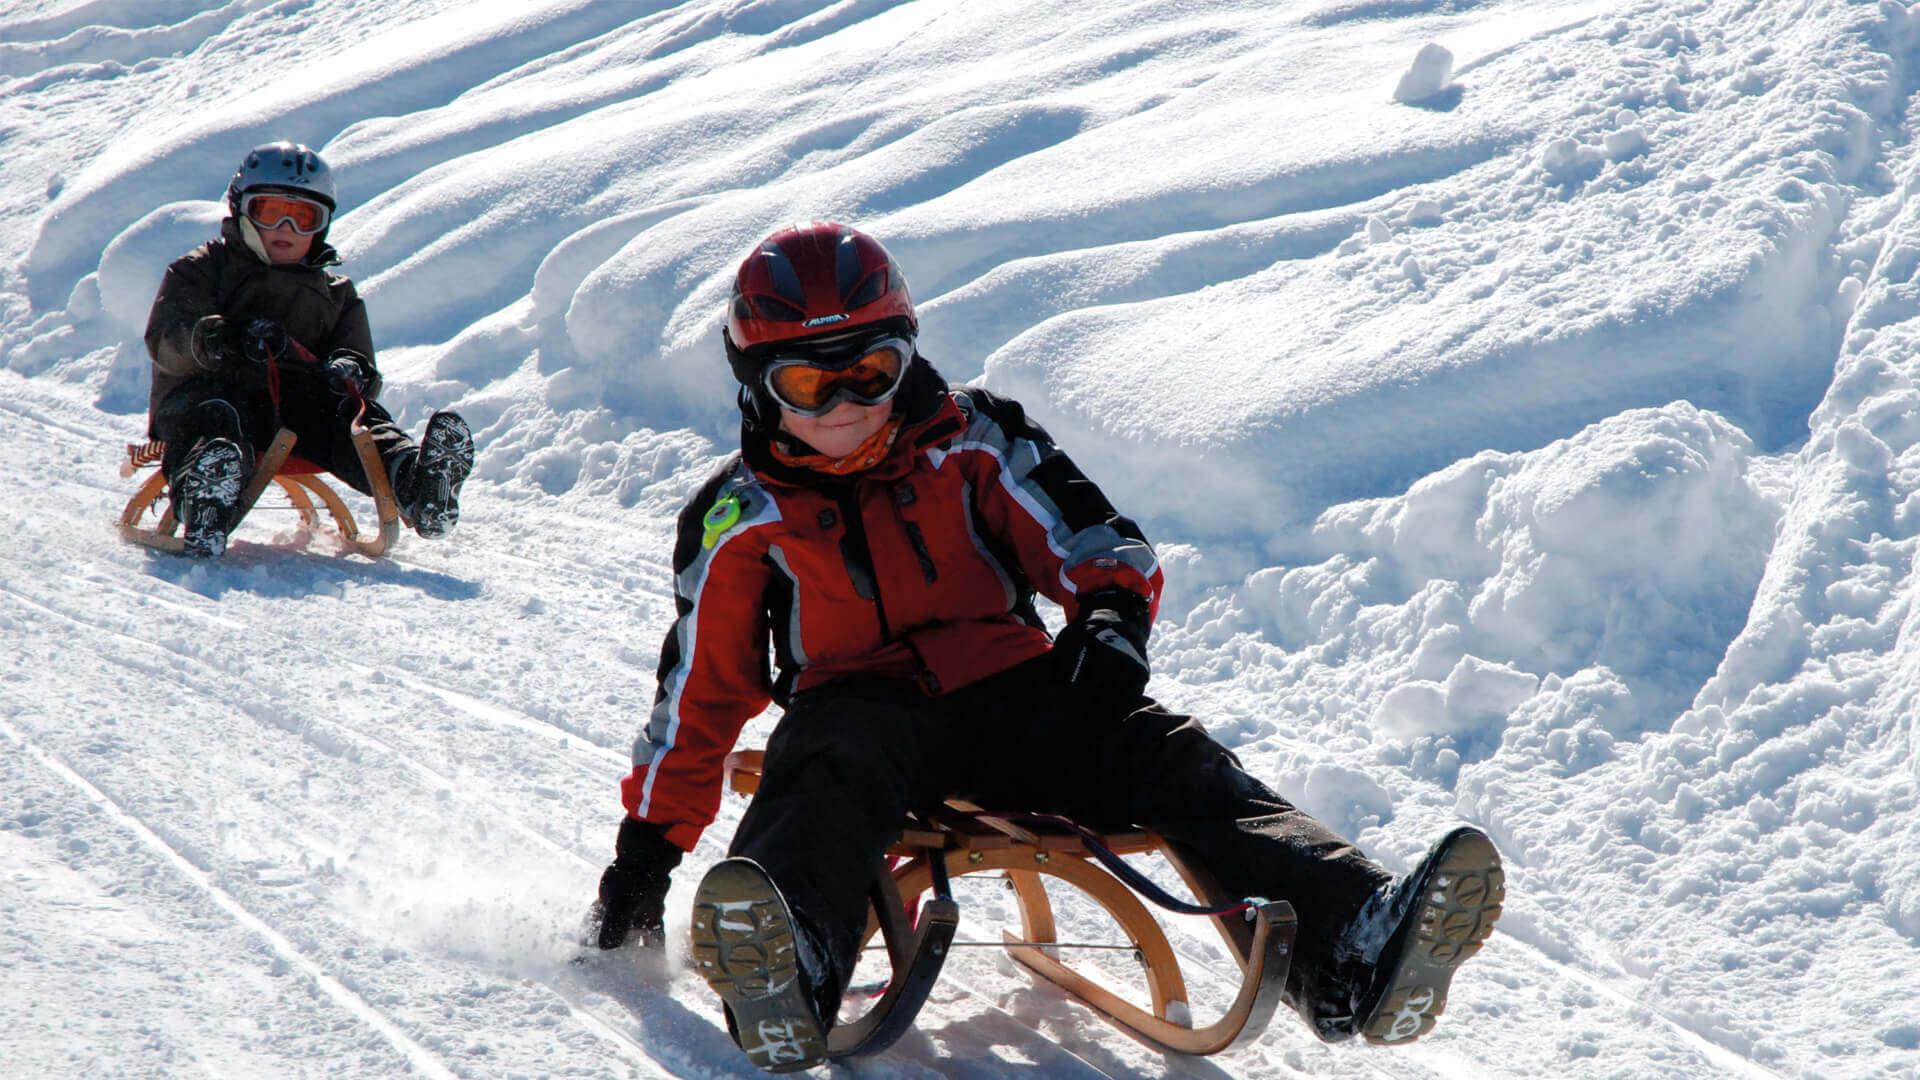 wiriehorn-schlitteln-kinder-spass-schnee-winterlandschaft